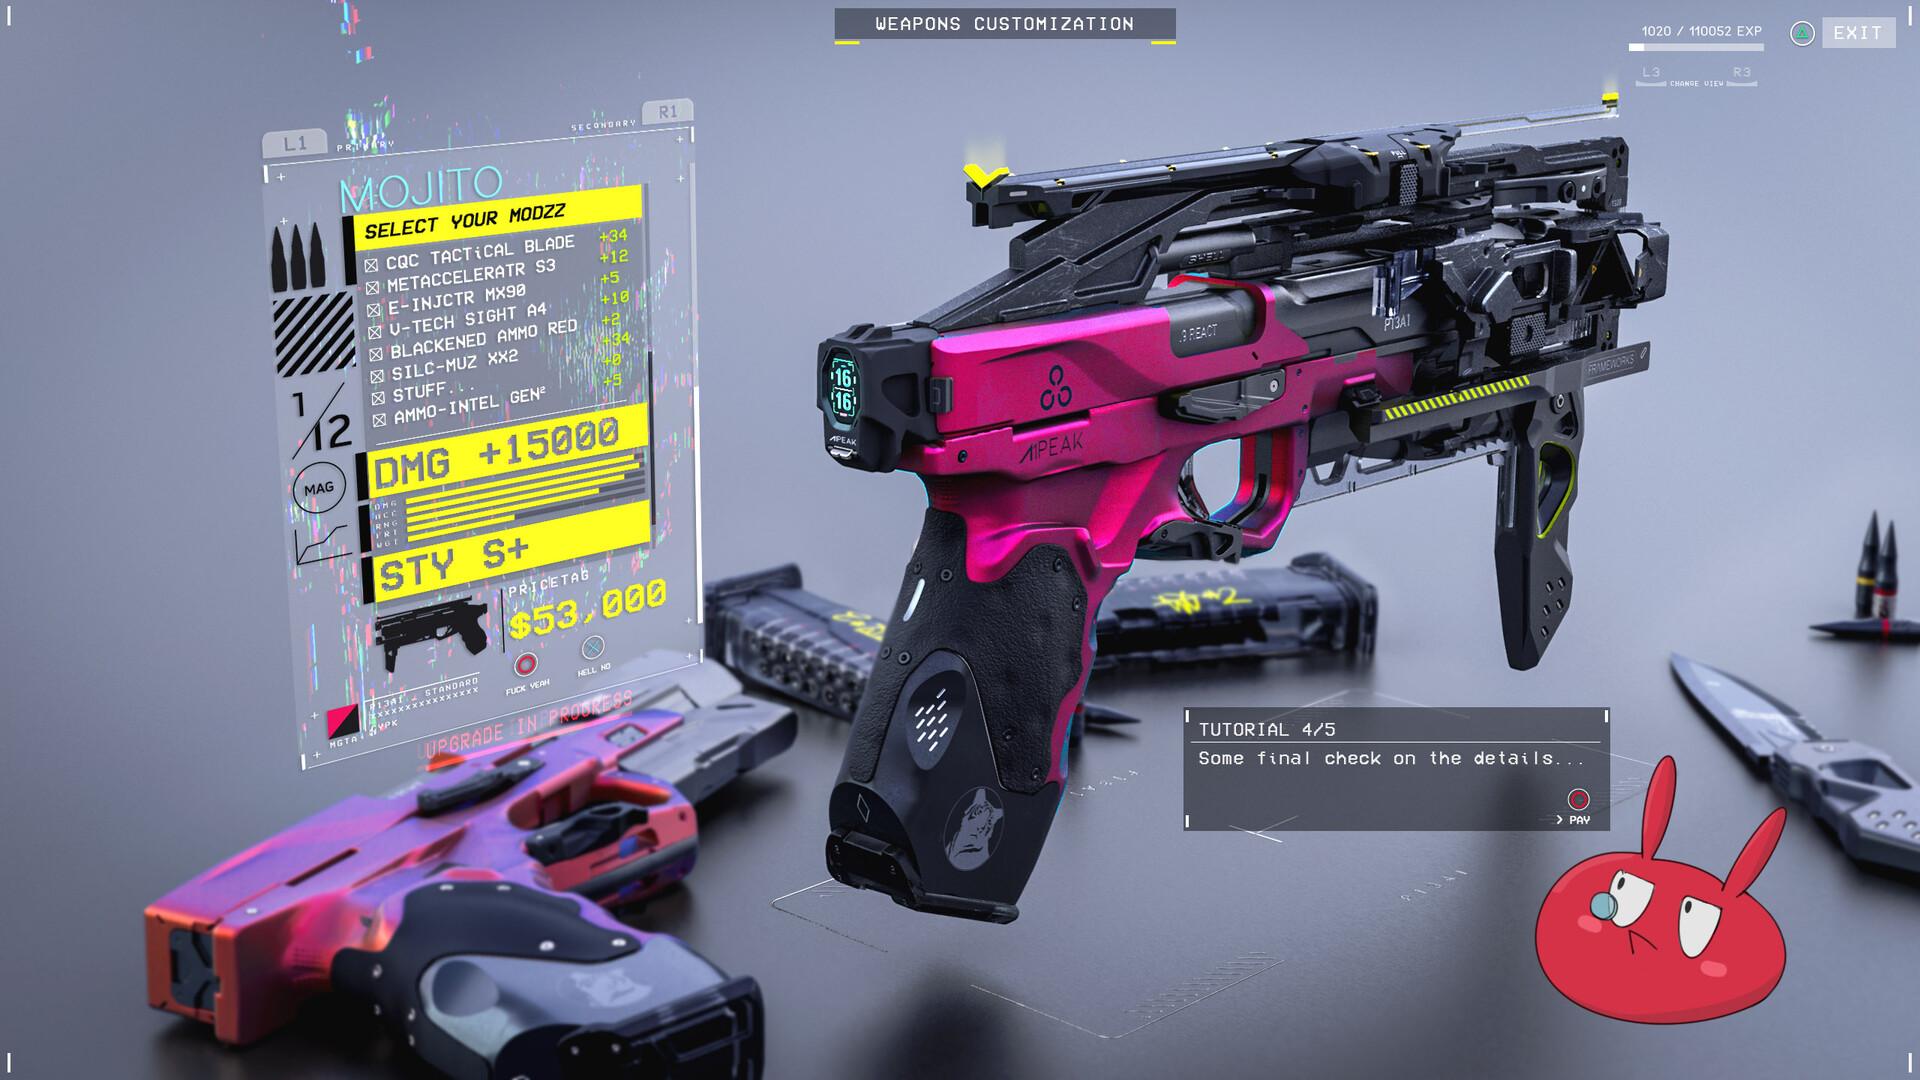 Gun customization. Step 4